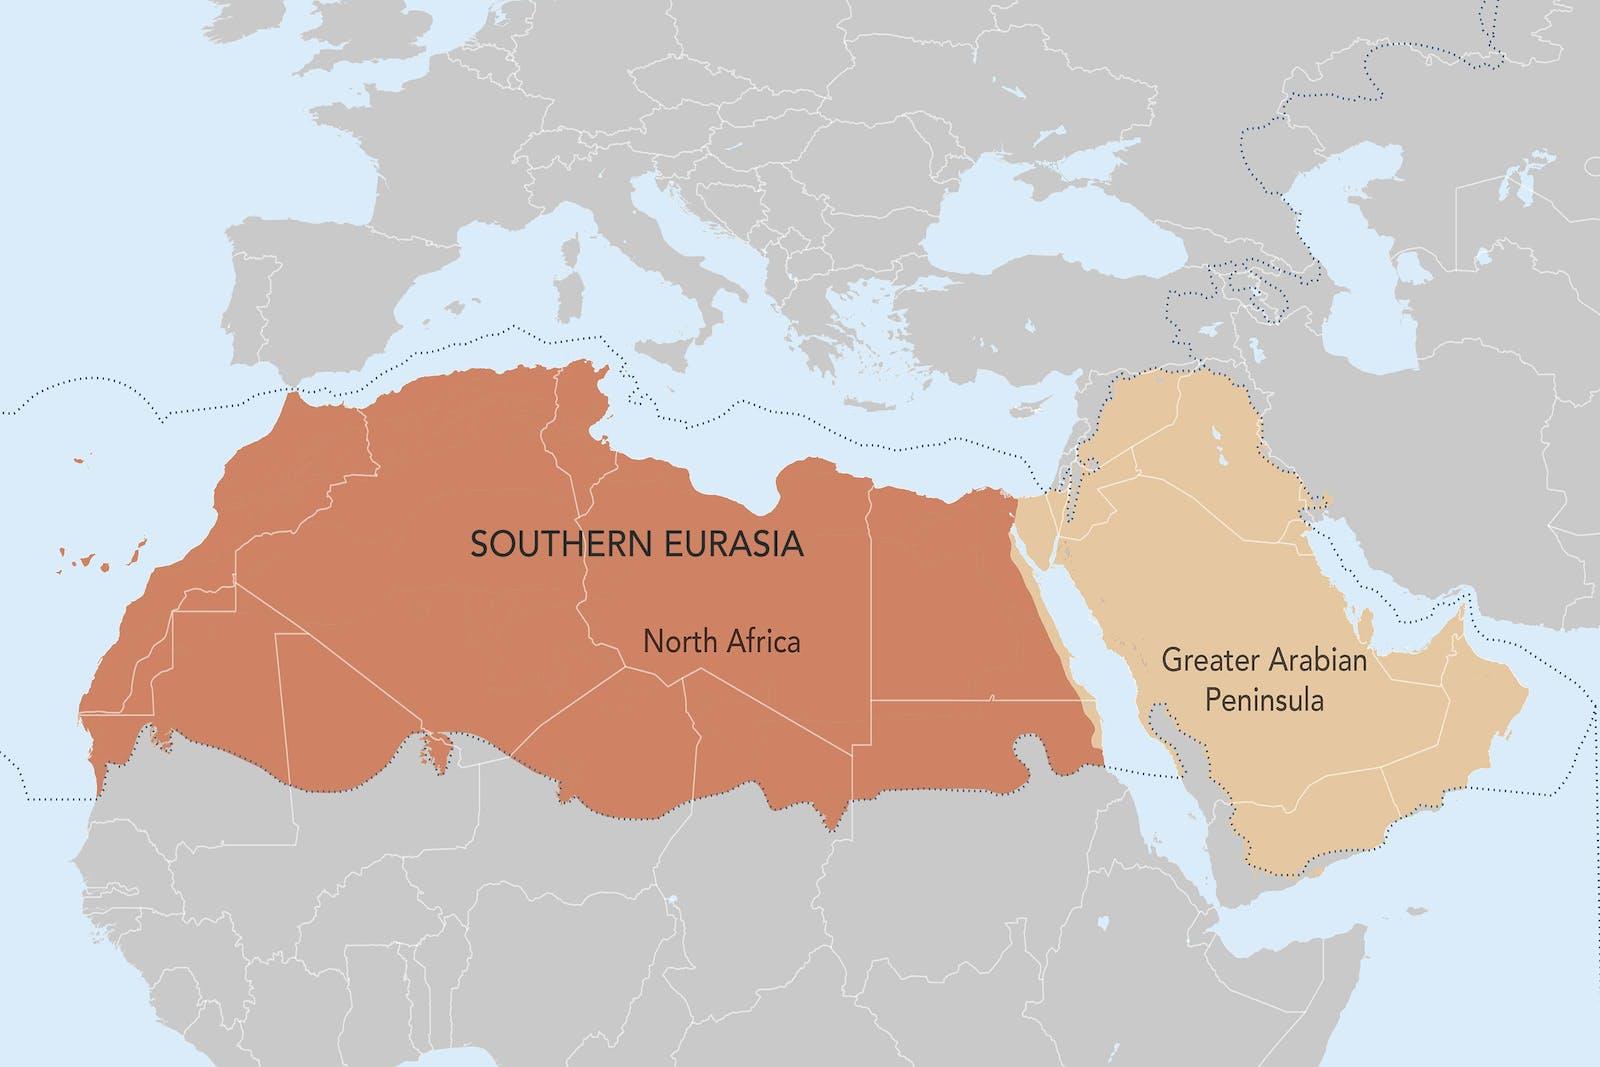 Southern Eurasia